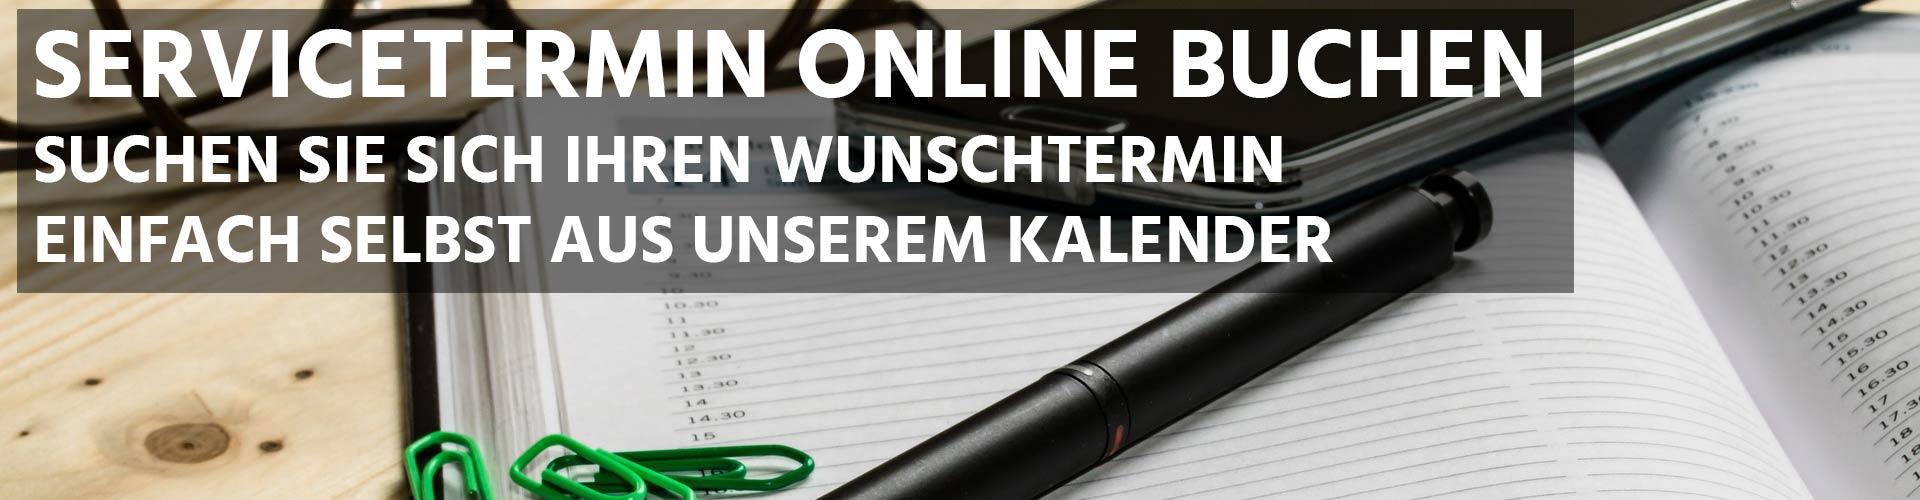 Servicetermin online